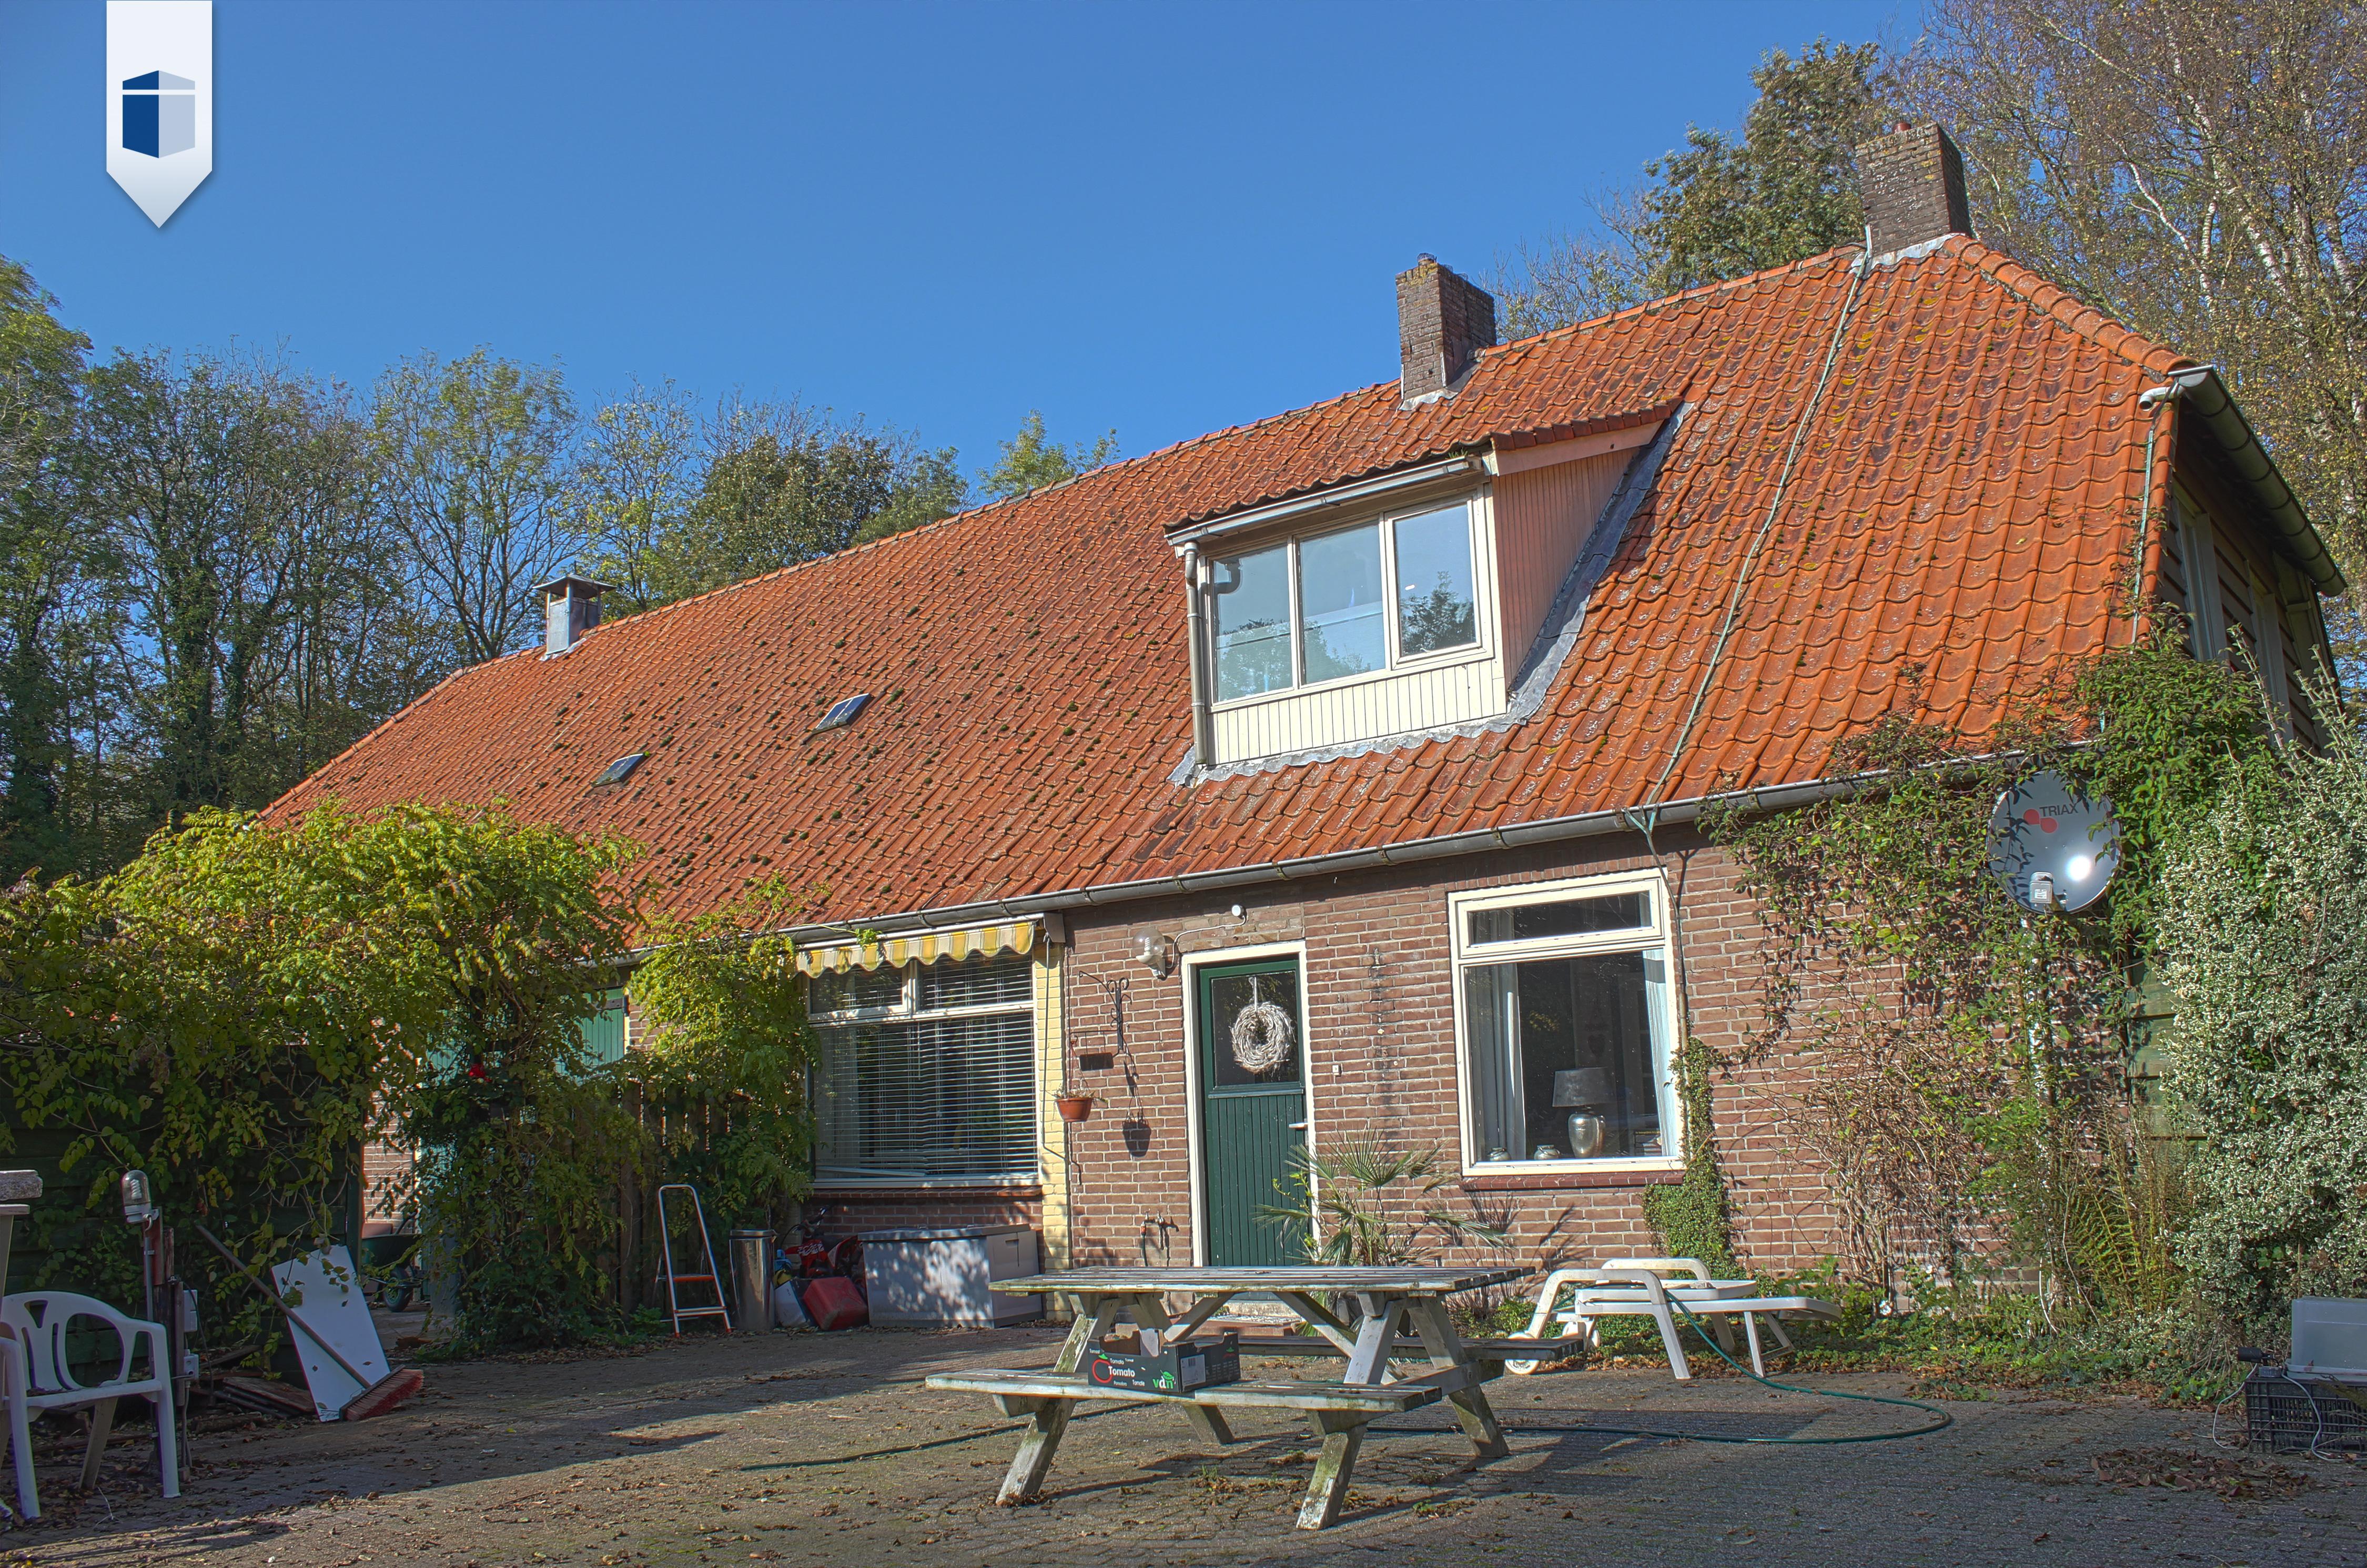 Leegstaande boerderijen interveste infonet for Opknap boerderij te koop gelderland